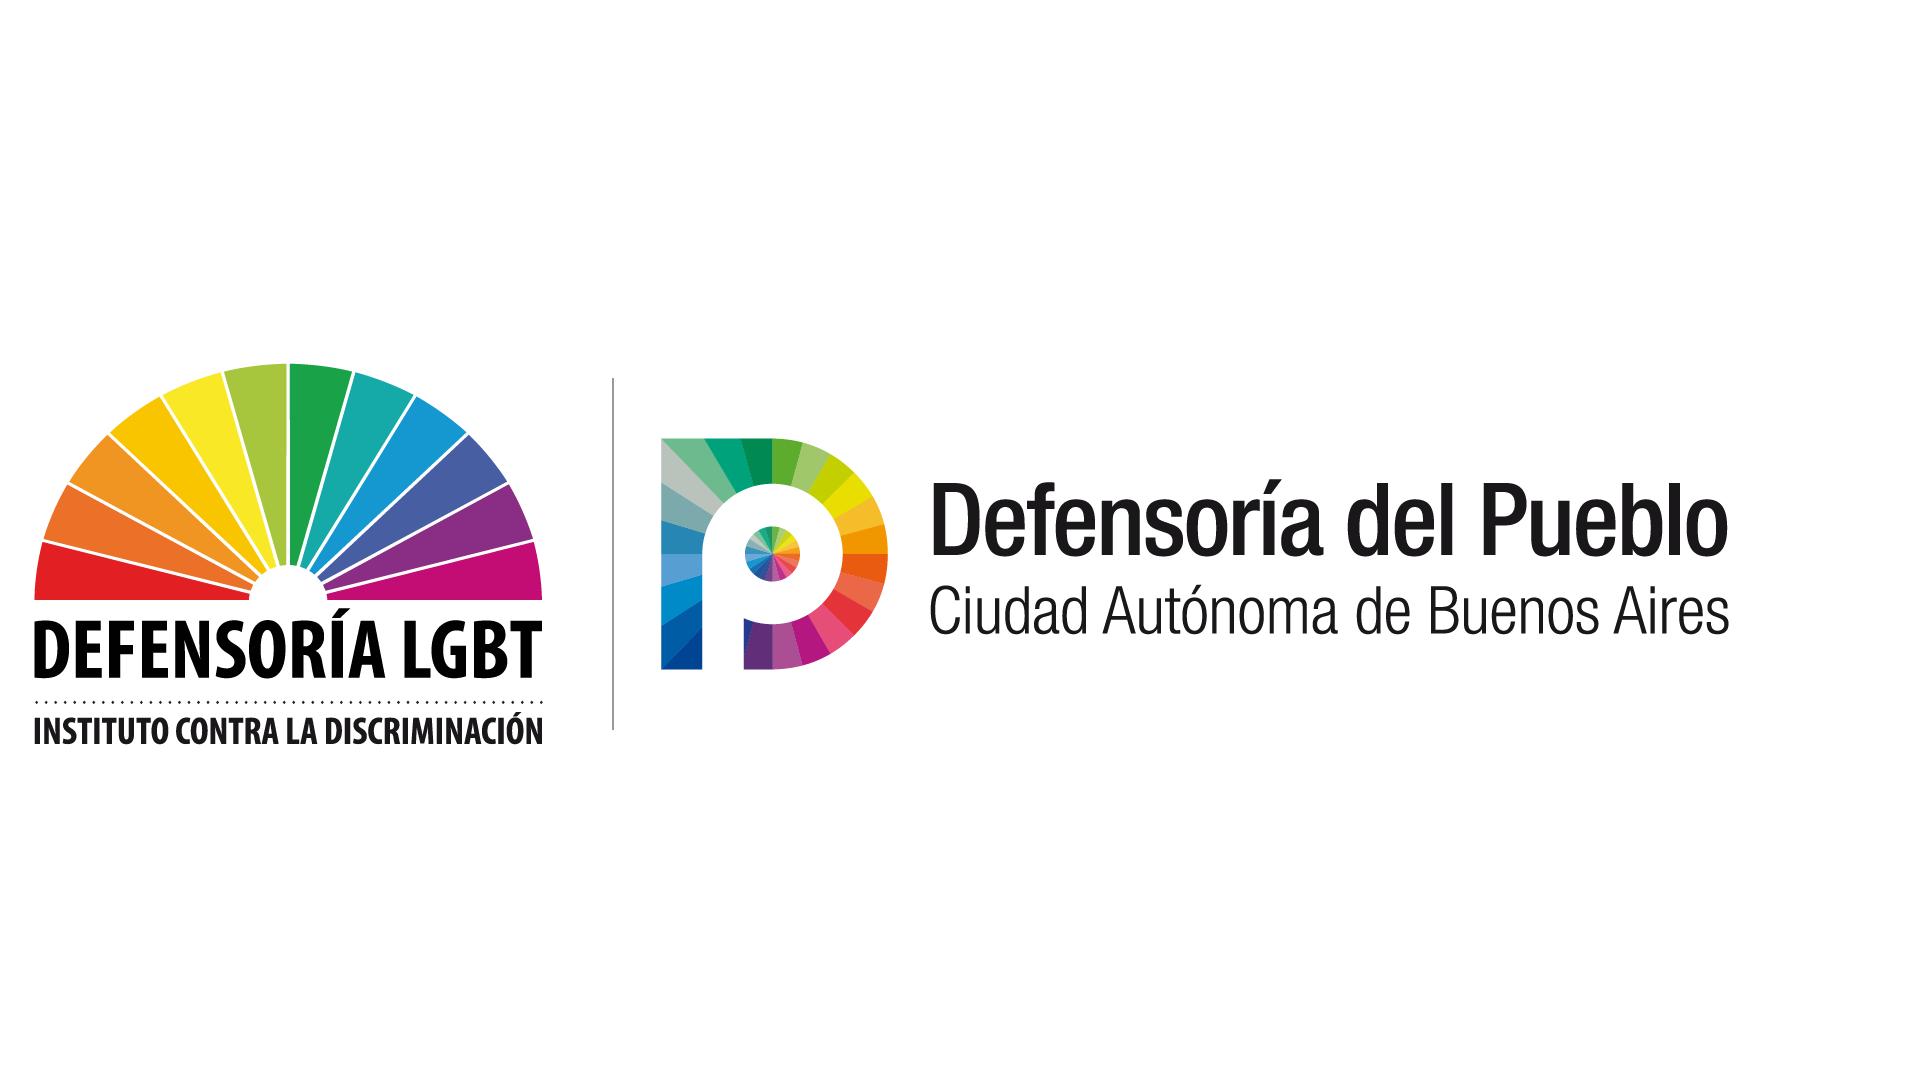 La Defensoría del Pueblo de la Ciudad es el primer organismo que reconoce las licencias LGBT